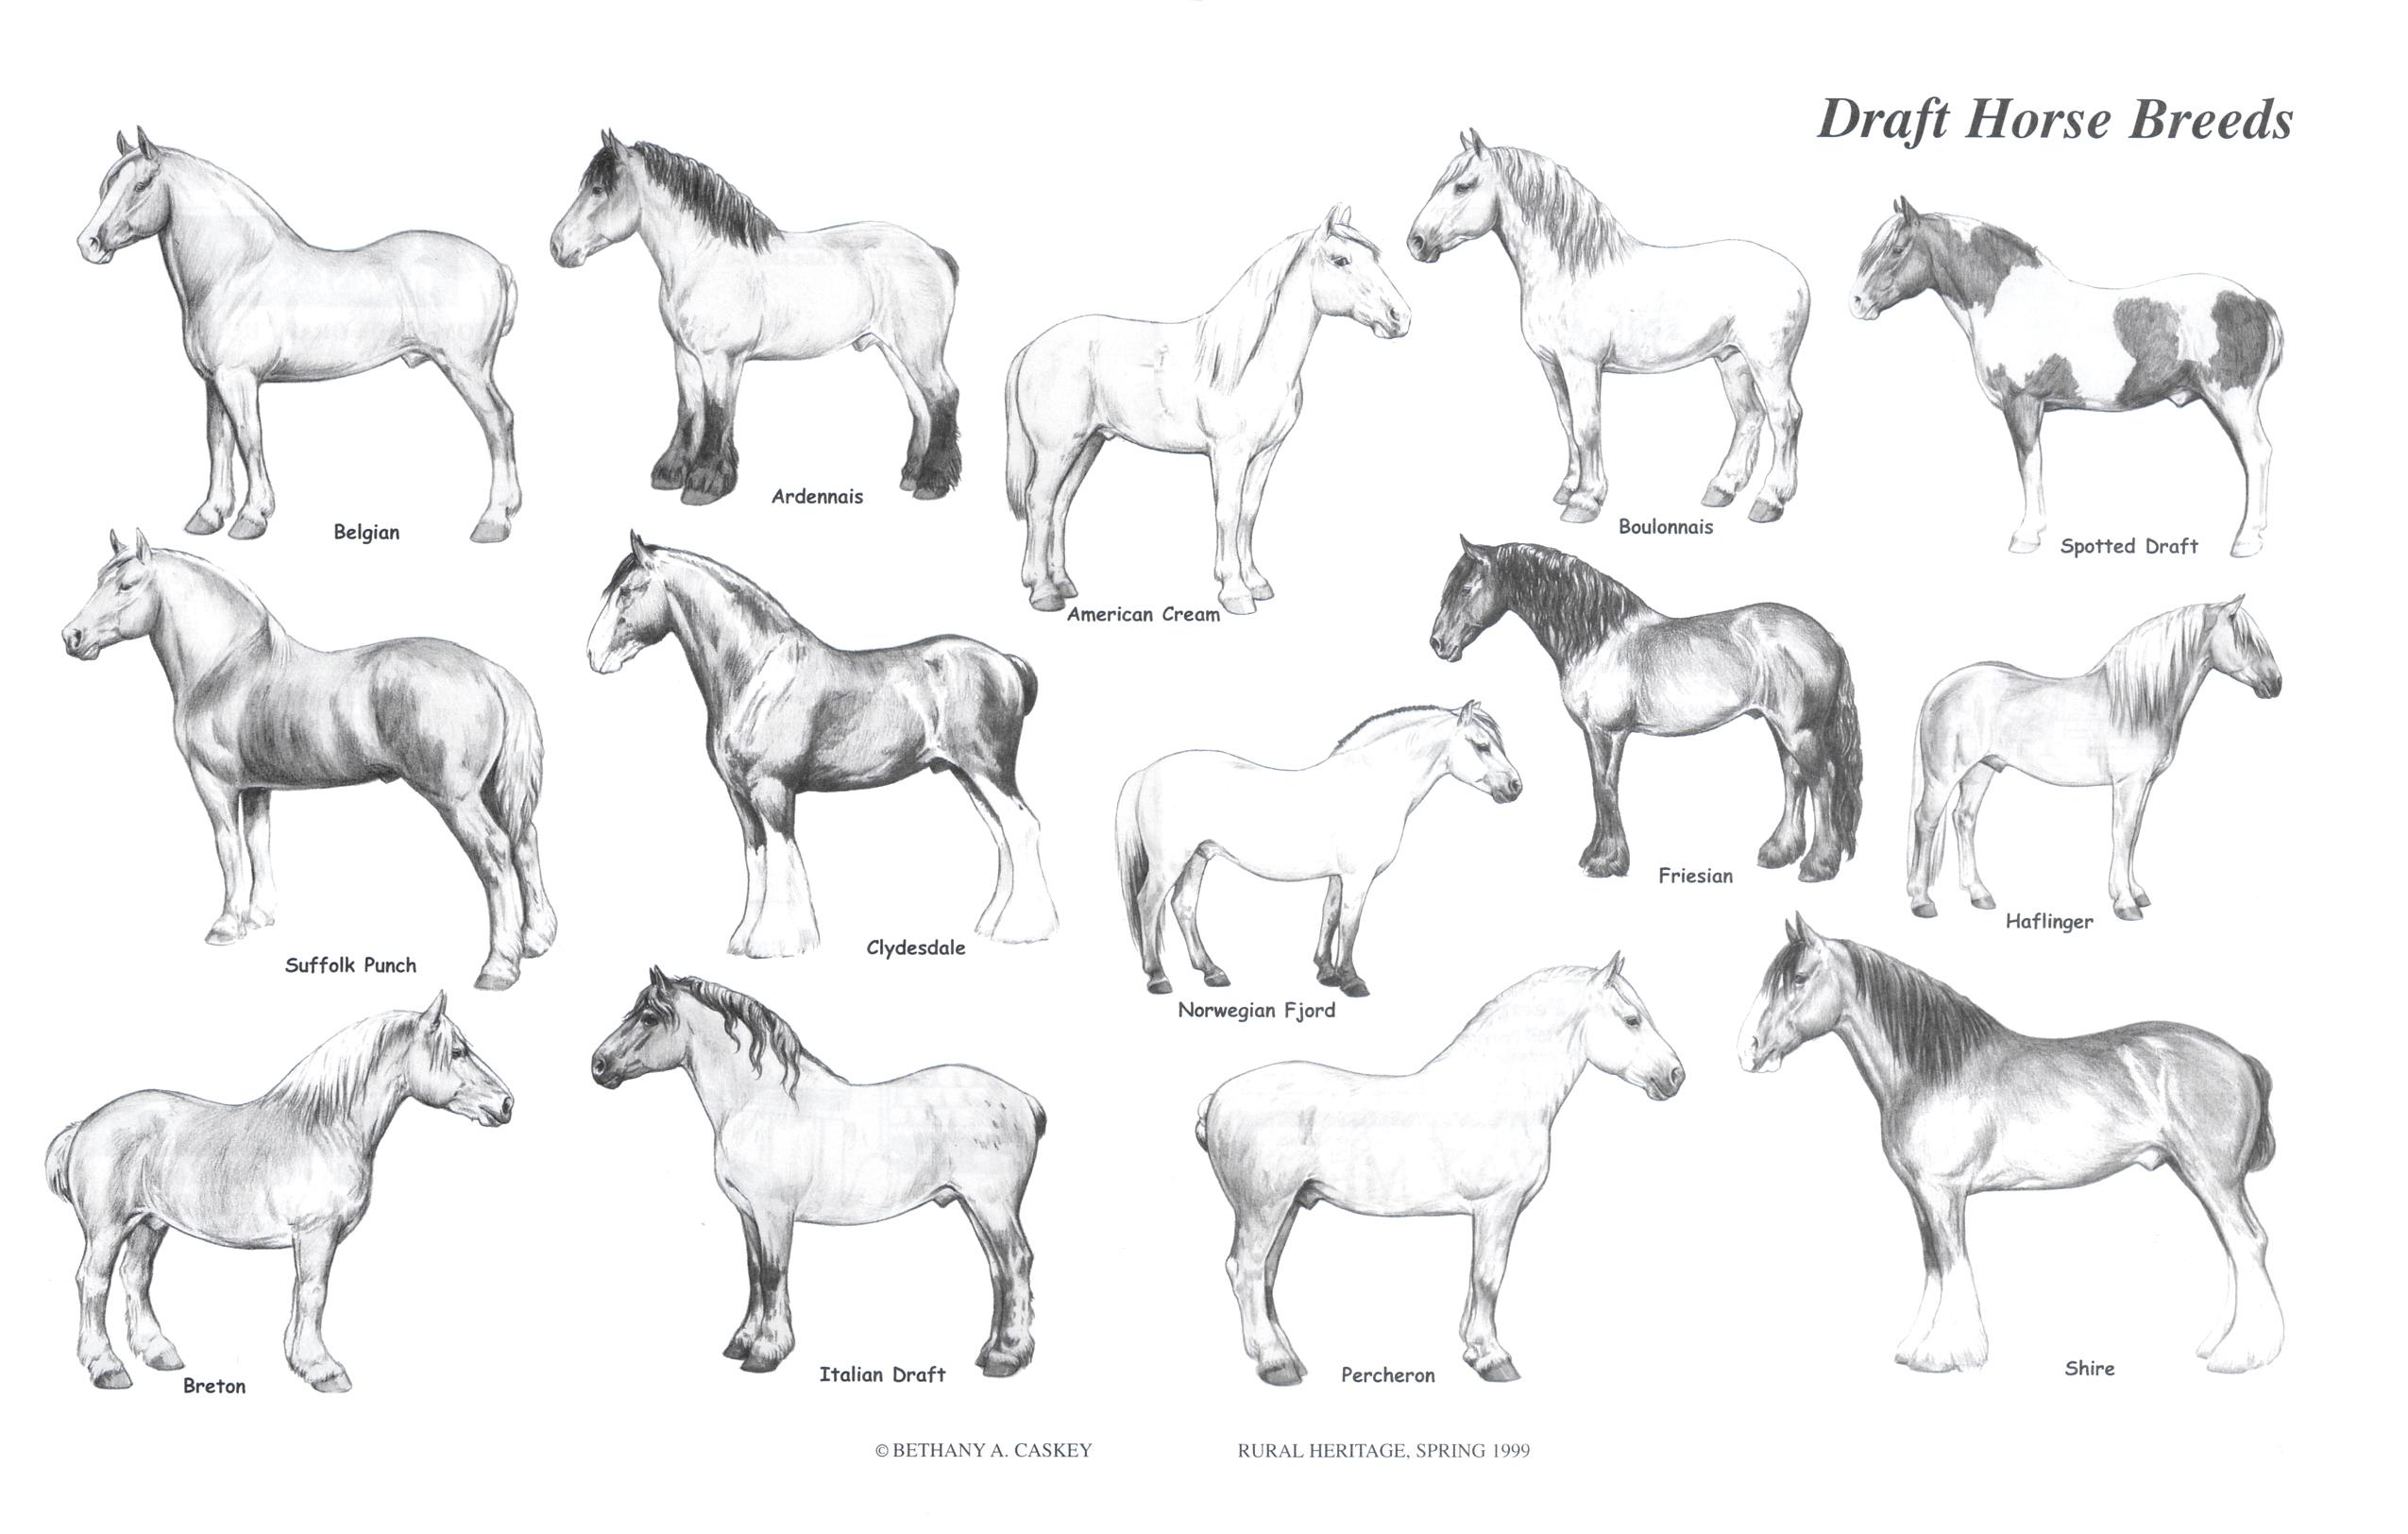 rural heritage draft horse breeds illustration